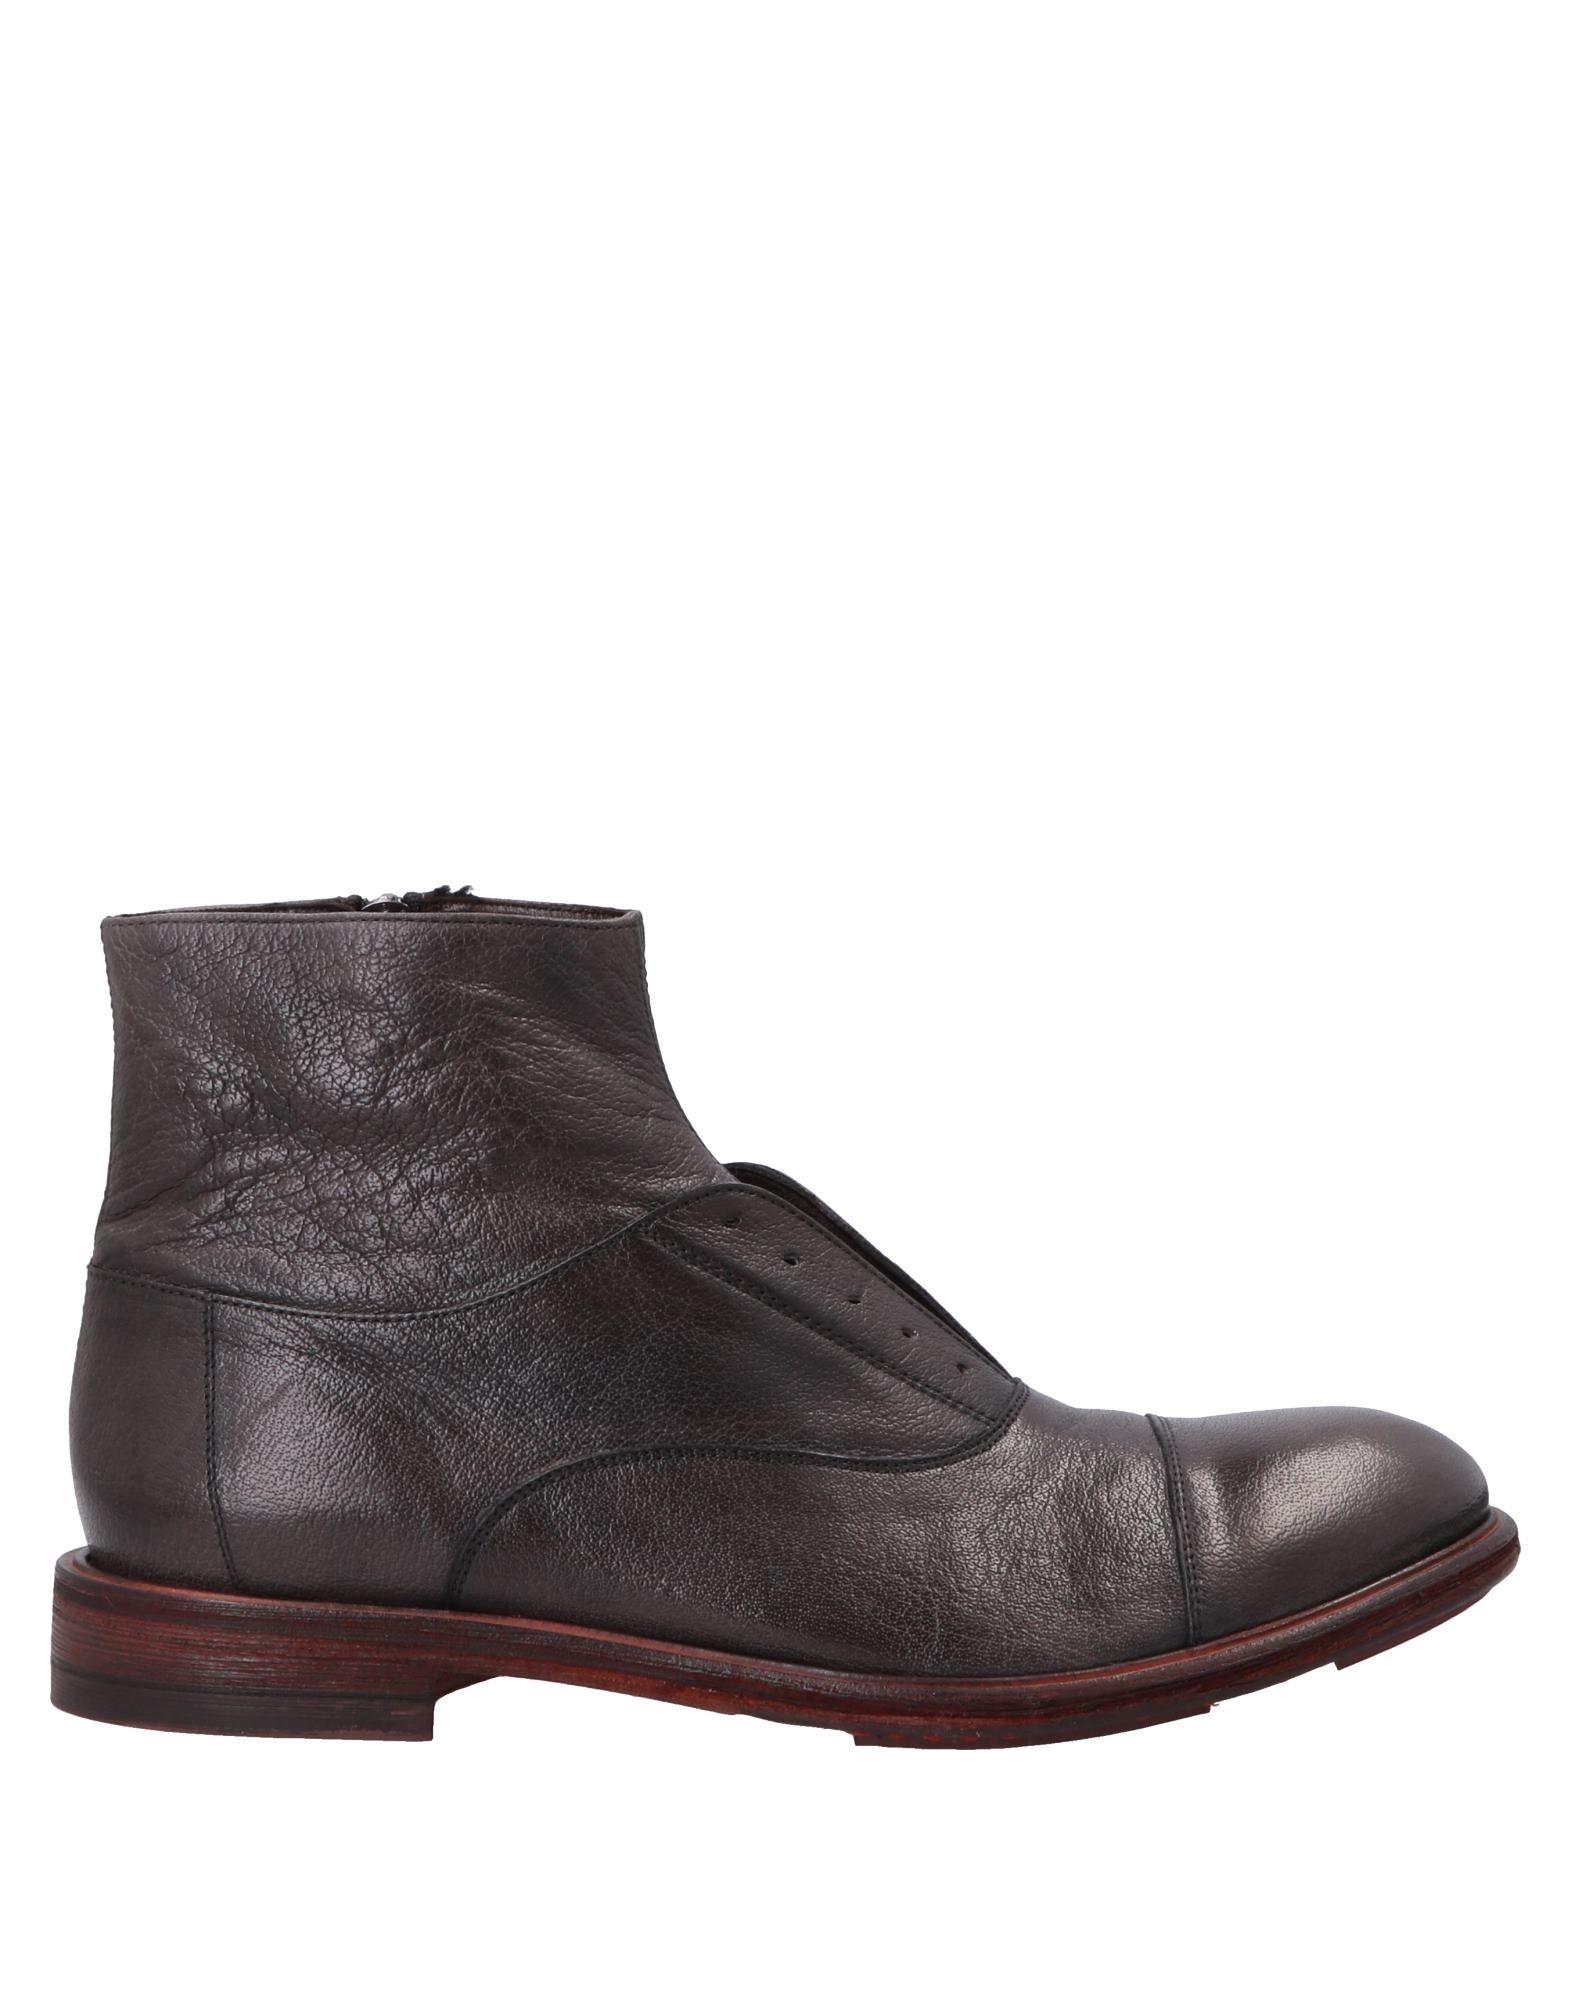 Rabatt echte Schuhe Jp/David Stiefelette Herren  11555291CS